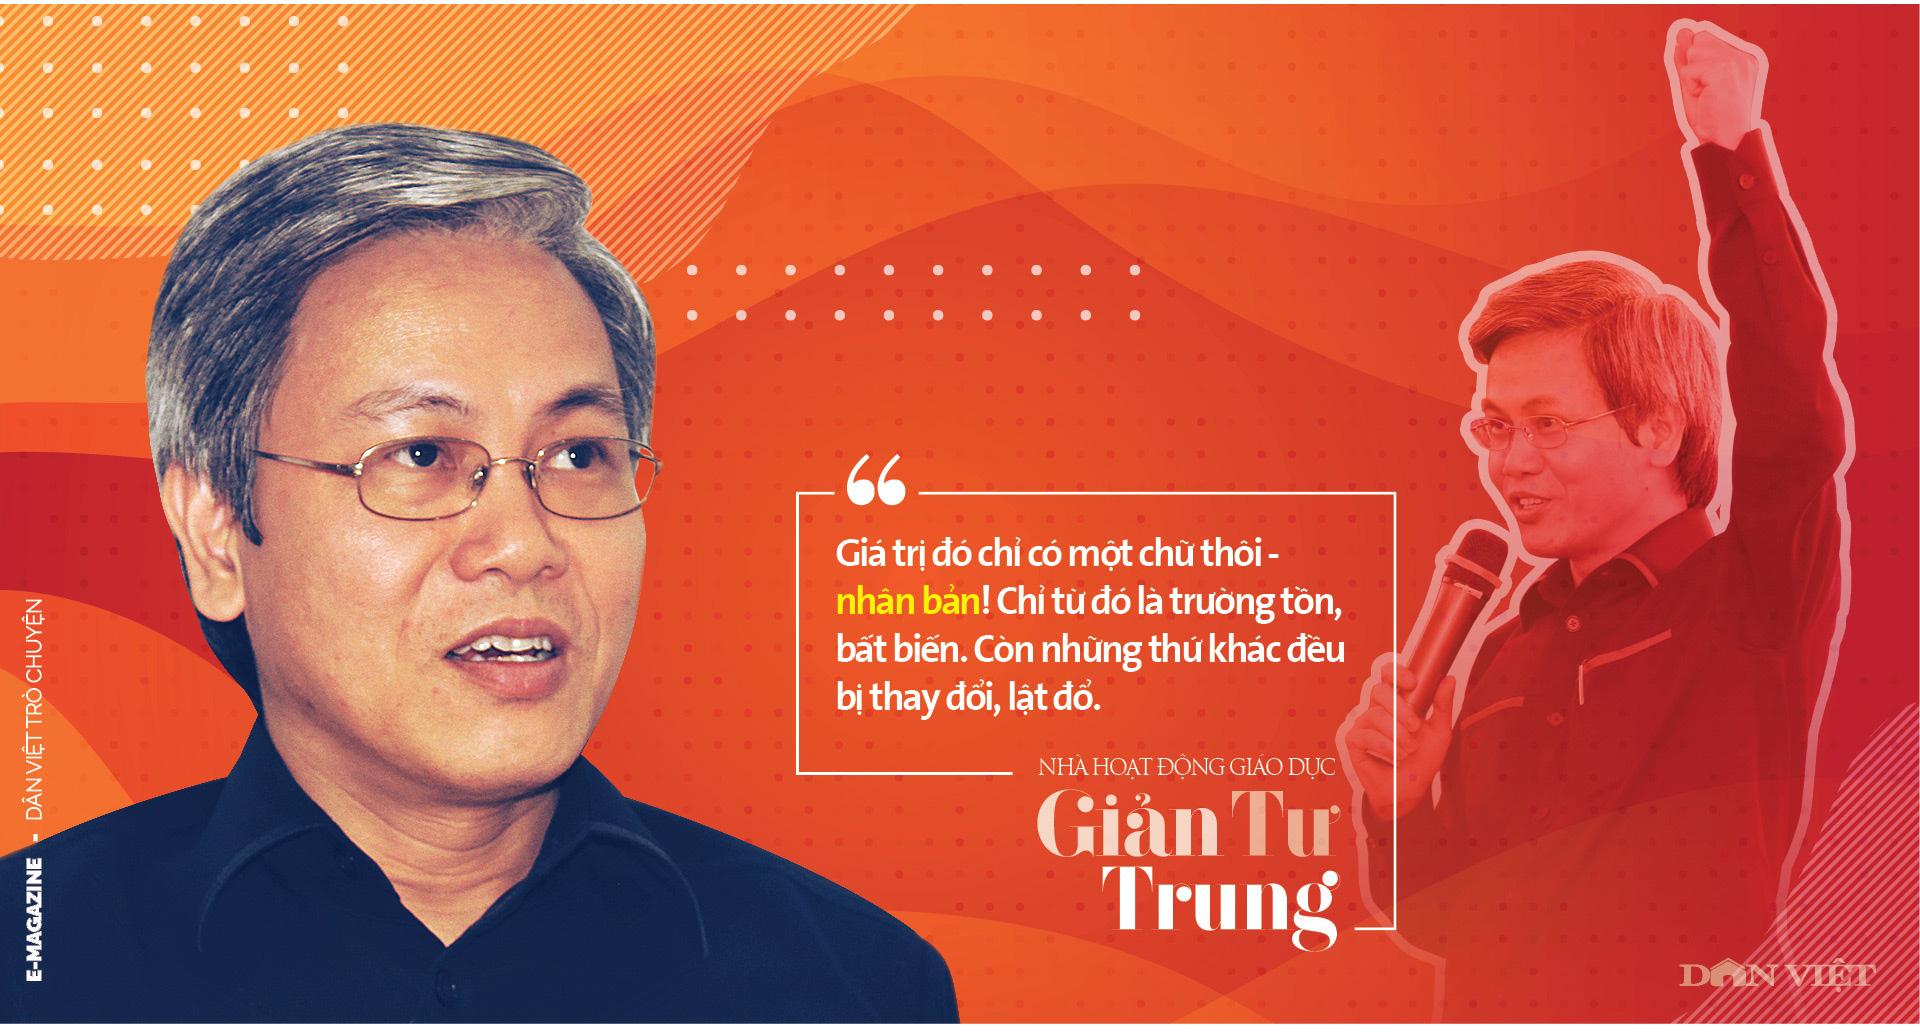 Nhà hoạt động giáo dục Giản Tư Trung: Người miệt mài thúc đẩy giáo dục khai phóng bằng cách mạng sự học - Ảnh 13.